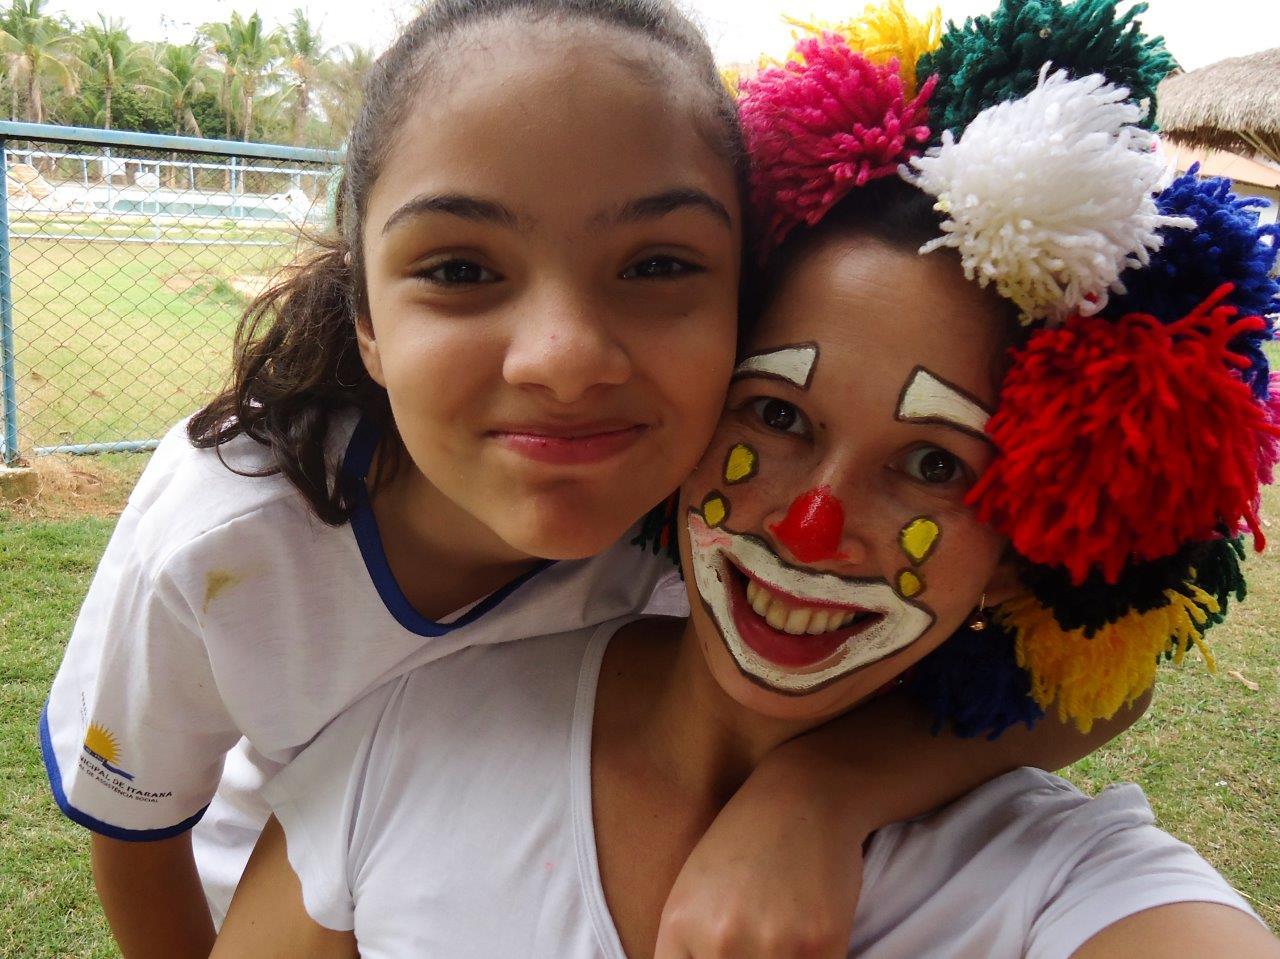 Secretaria de Assistência Social promove atividades especiais para o dia das crianças